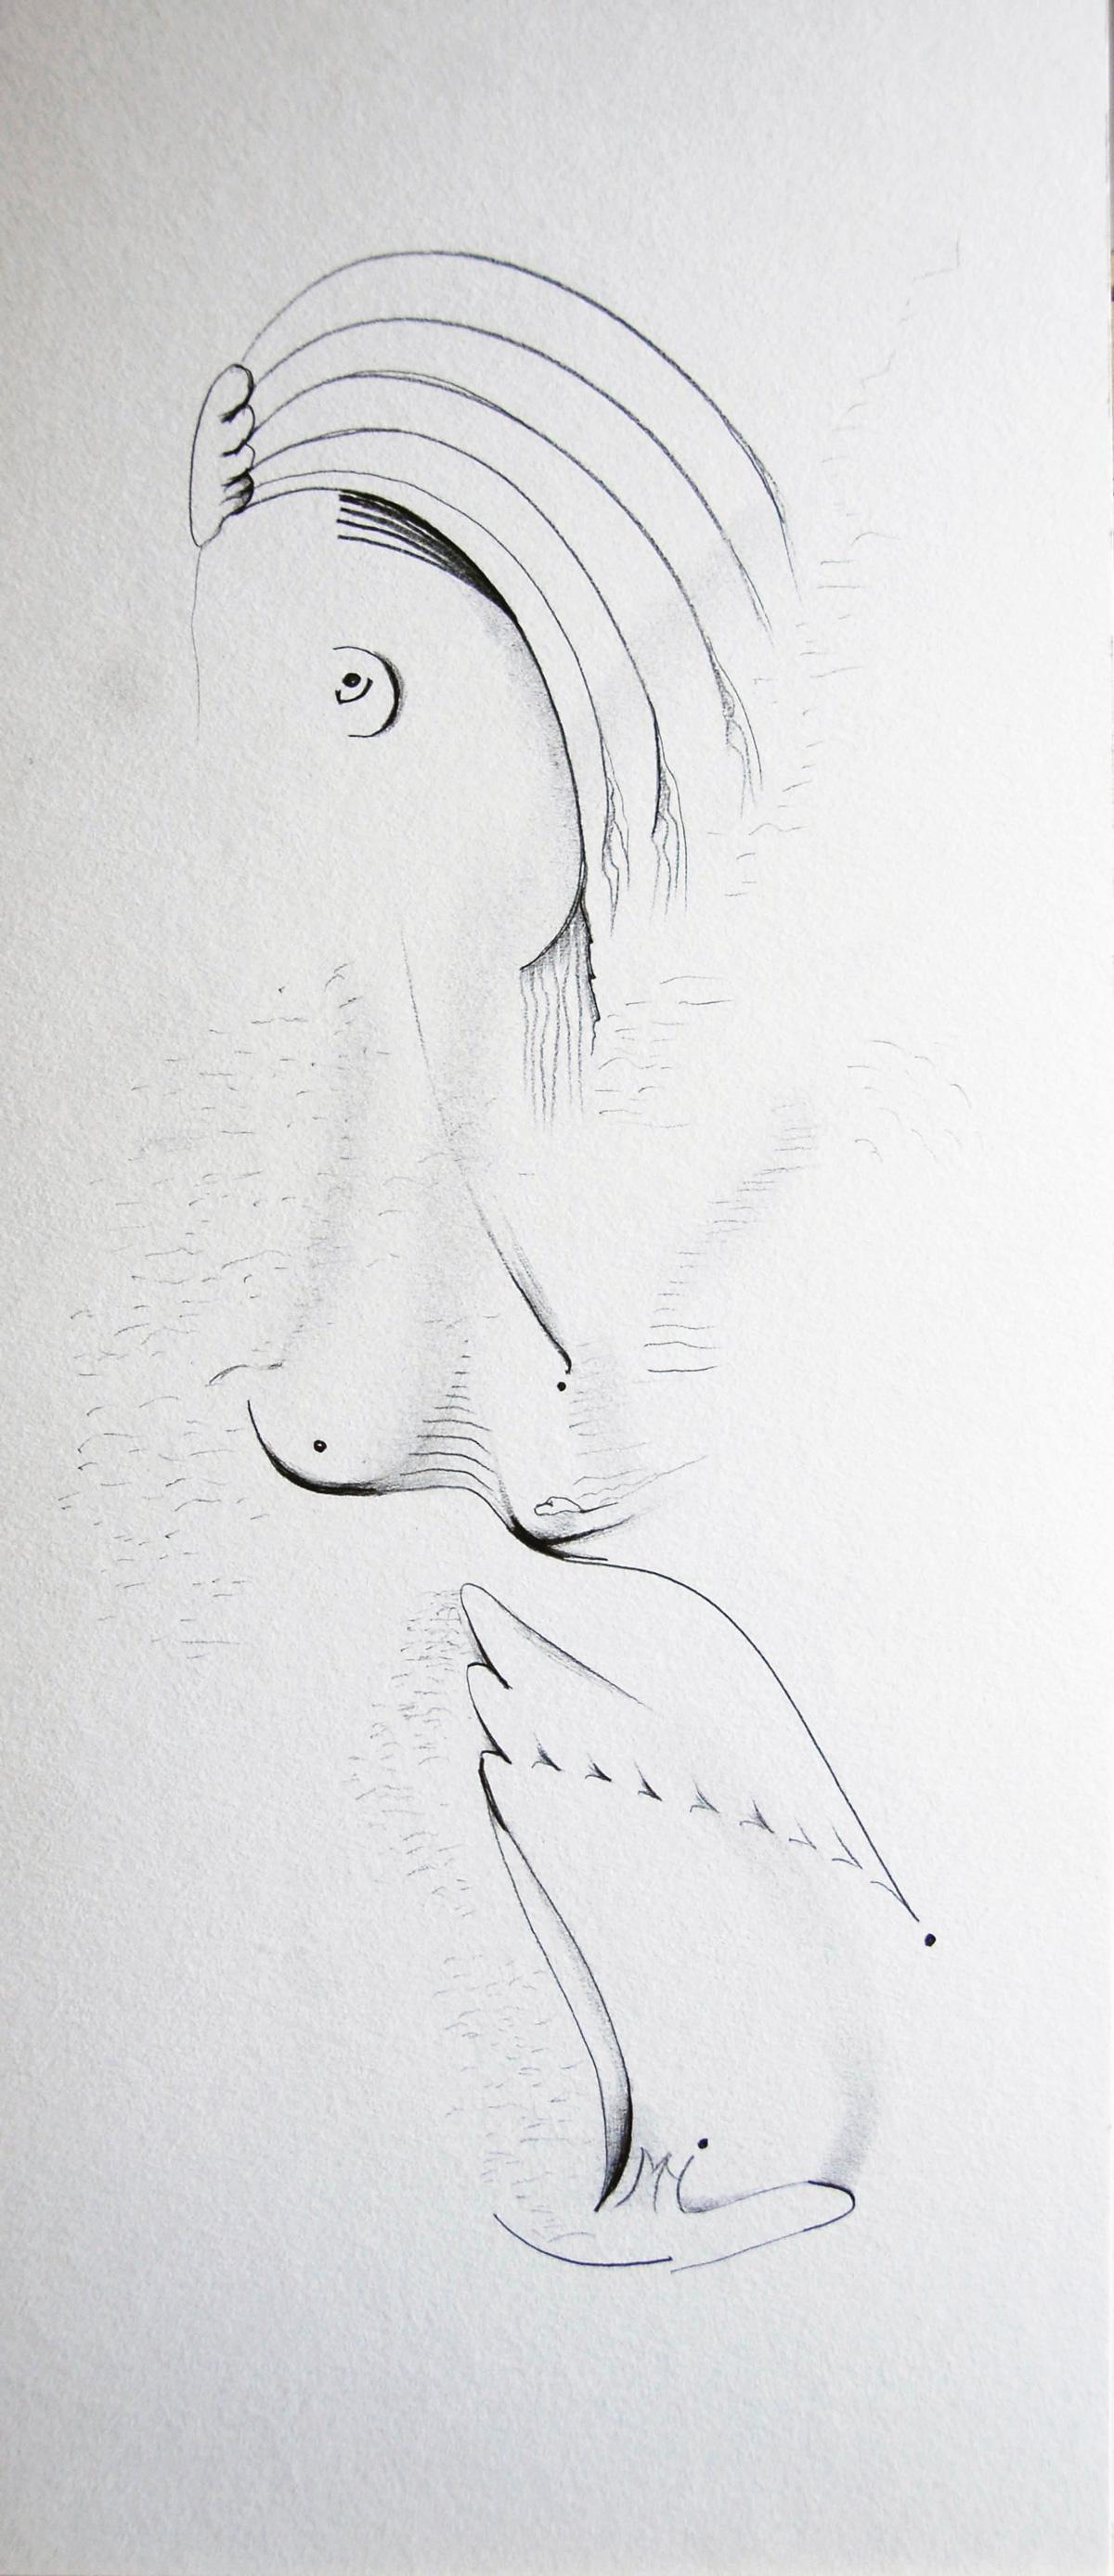 159 - MARIANNE crayon - 20 x 50